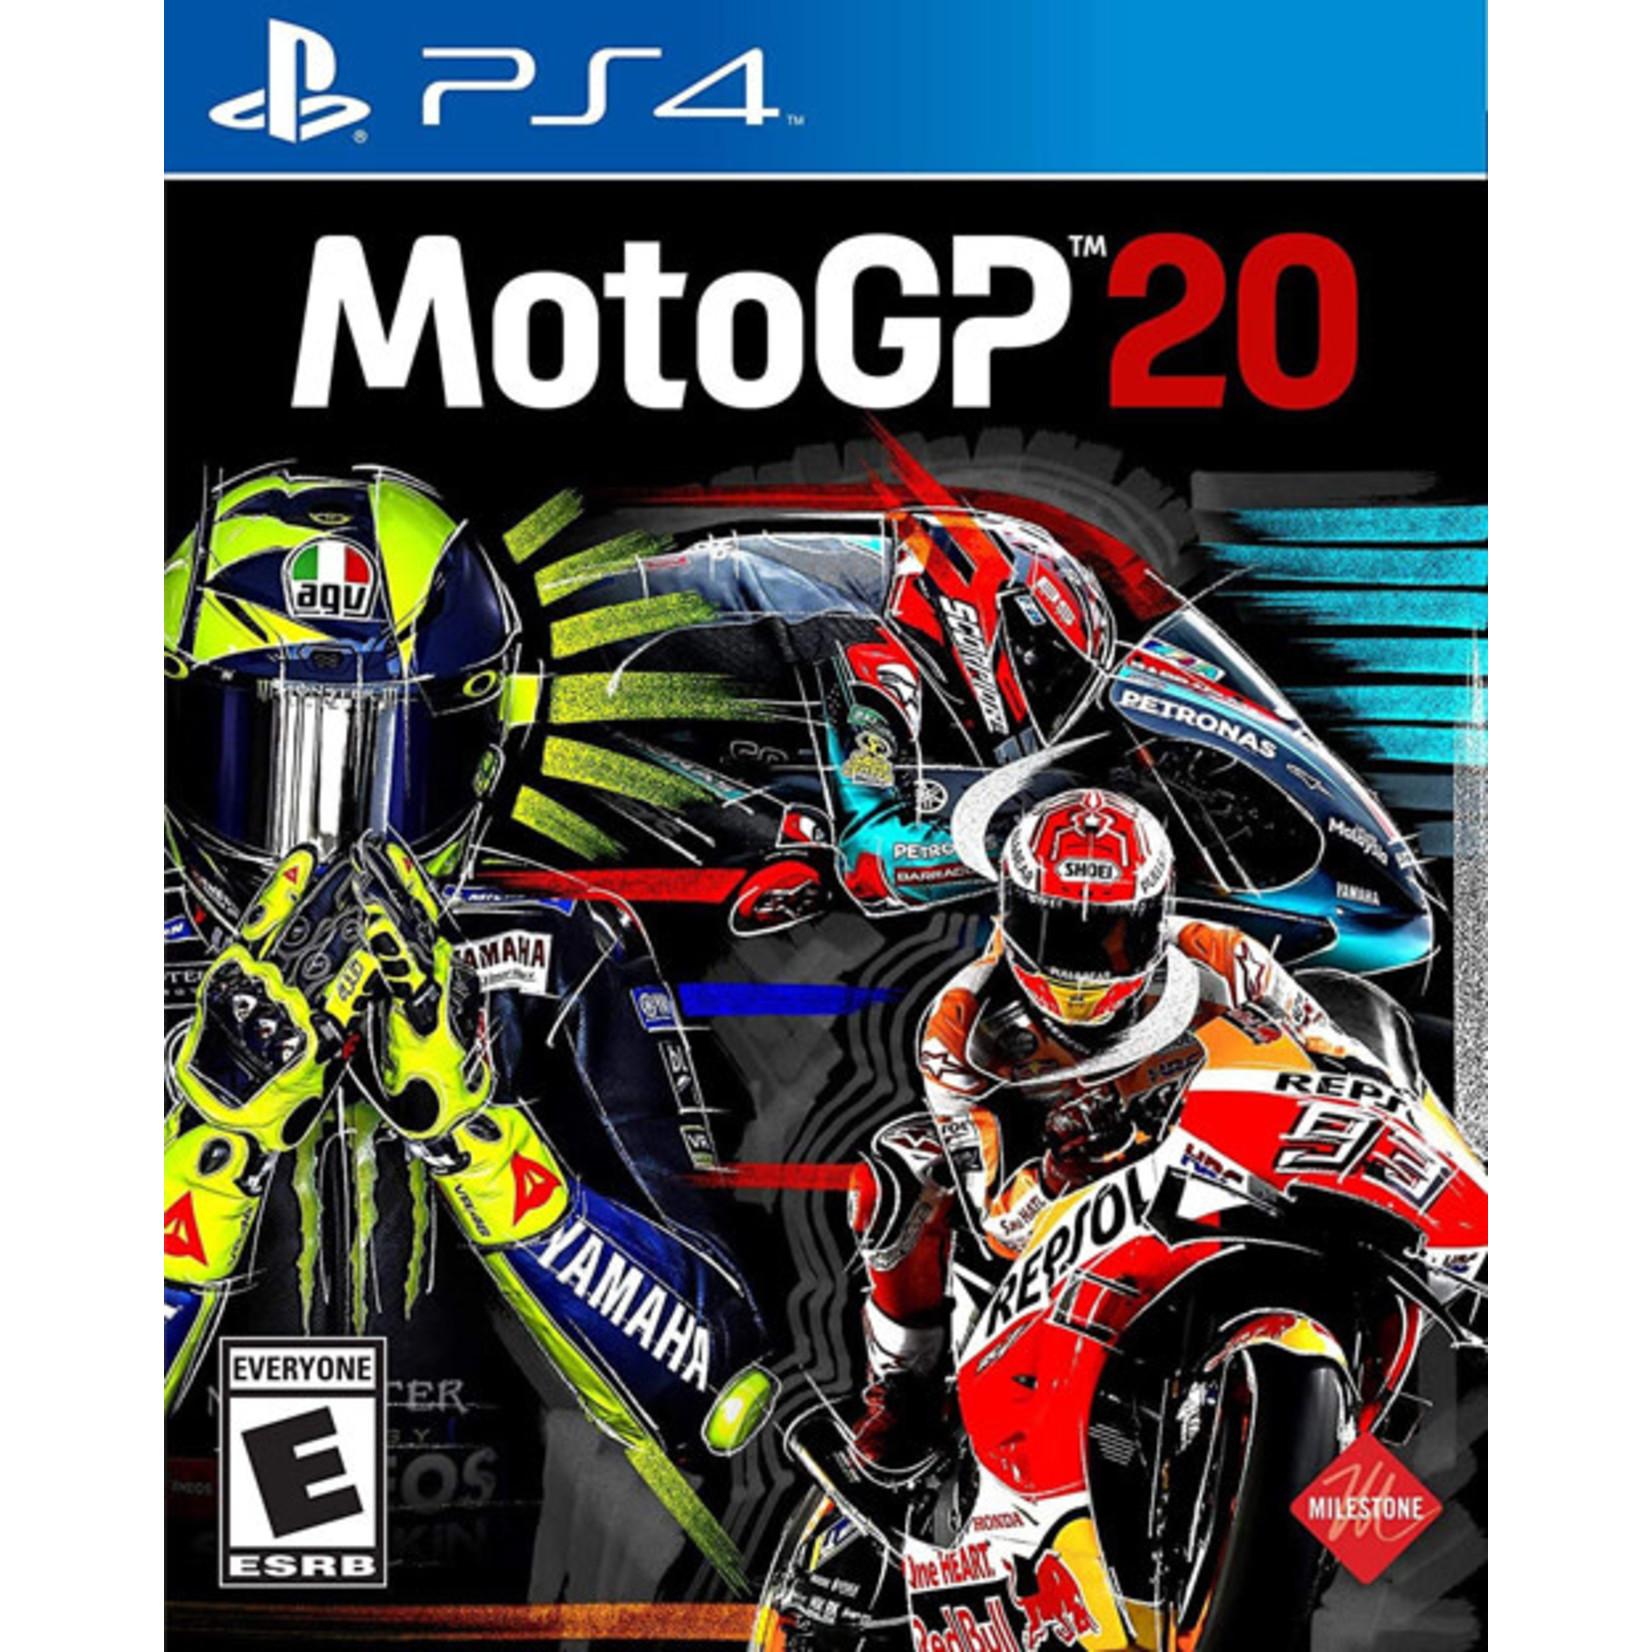 PS4-MotoGP 20